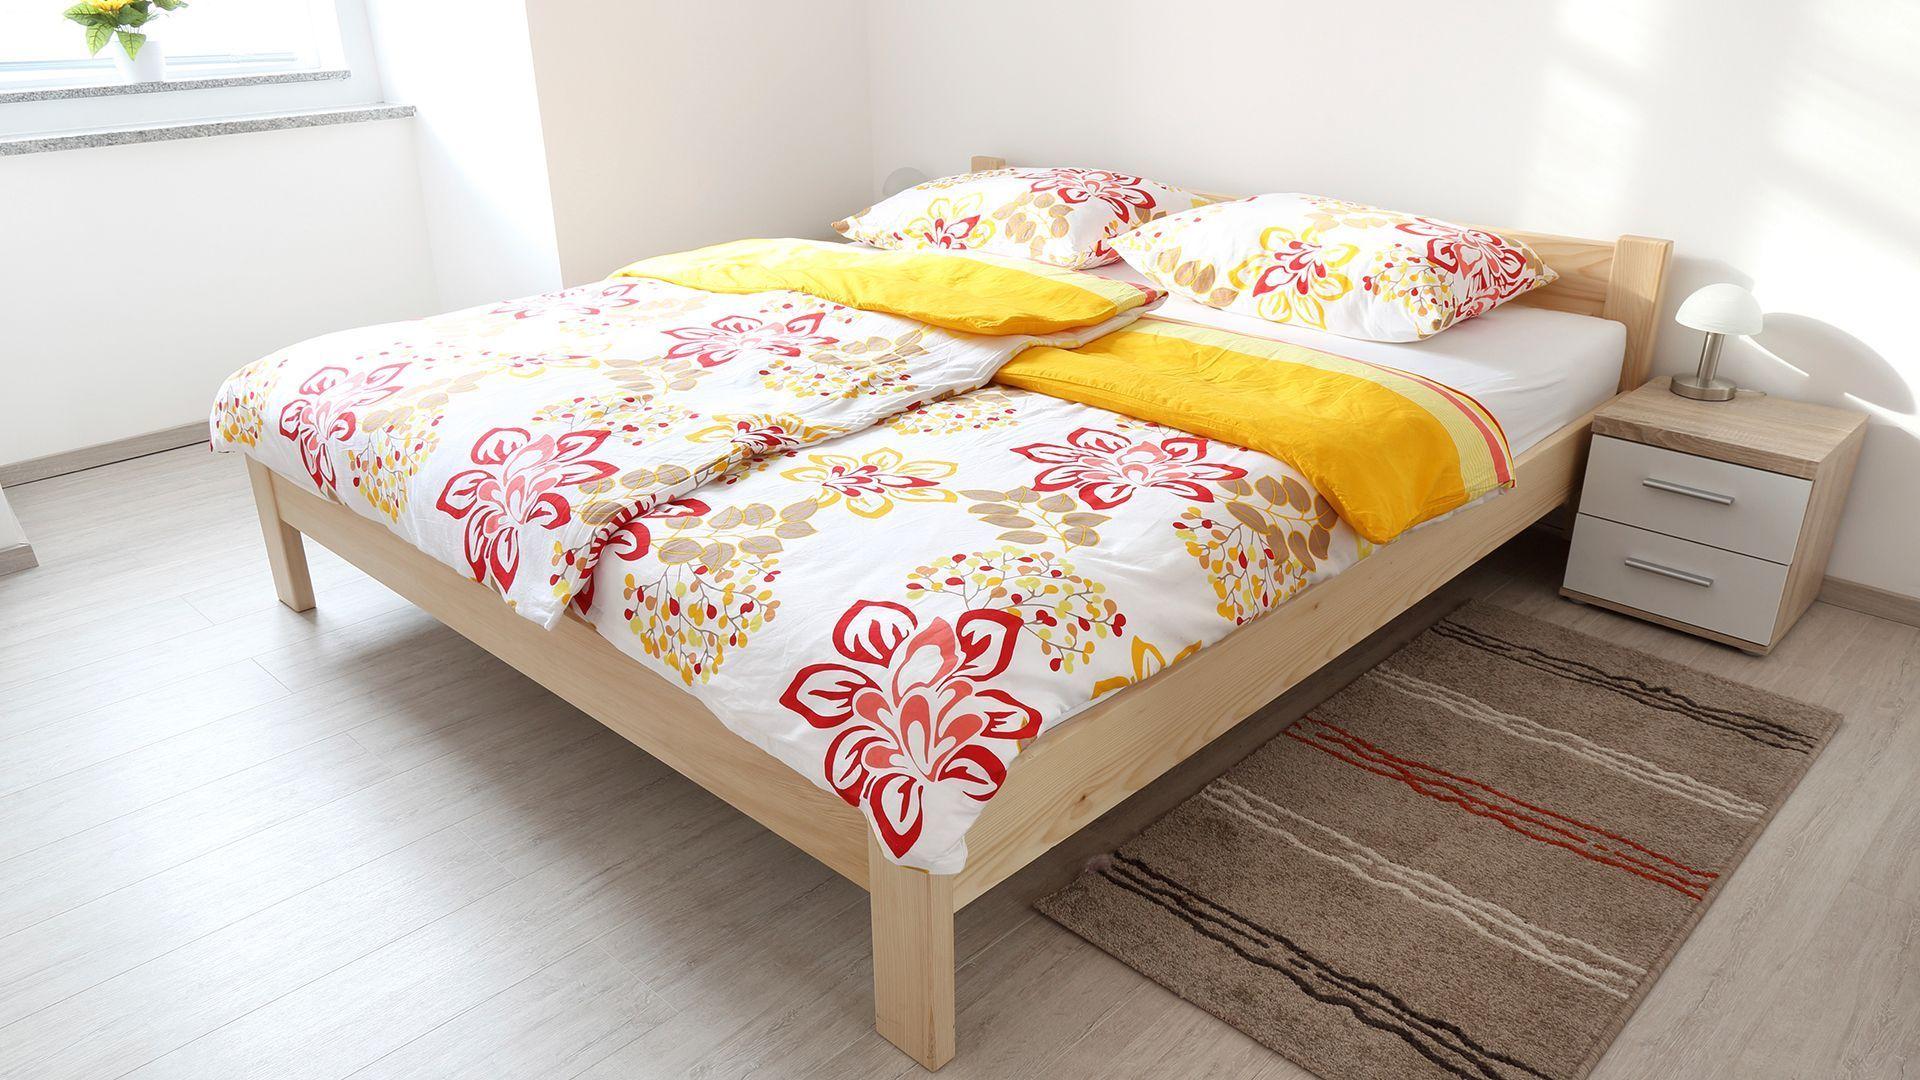 advies voor de inrichting van je nieuwe slaapkamer in de regio dalfsen zwolle en hattem